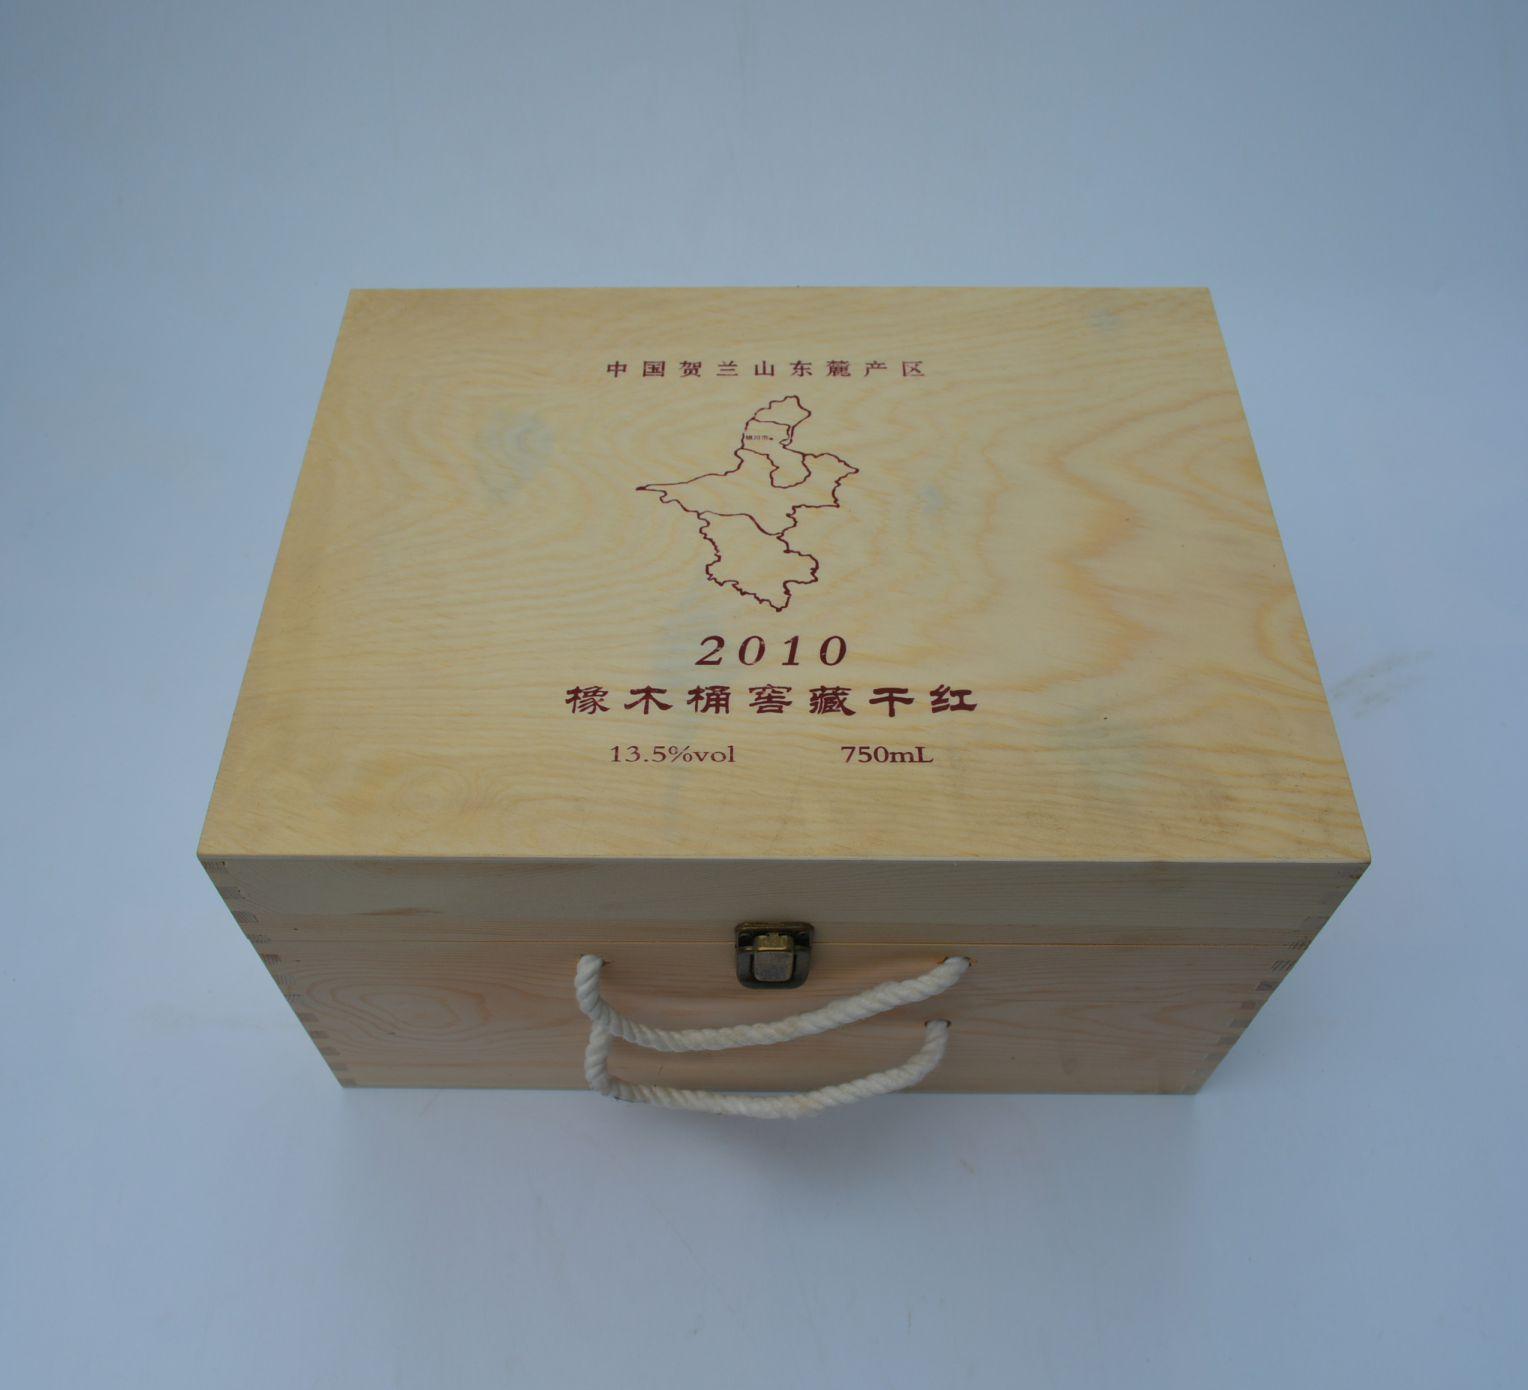 包装 包装盒 包装设计 盒子 设计 1528_1390